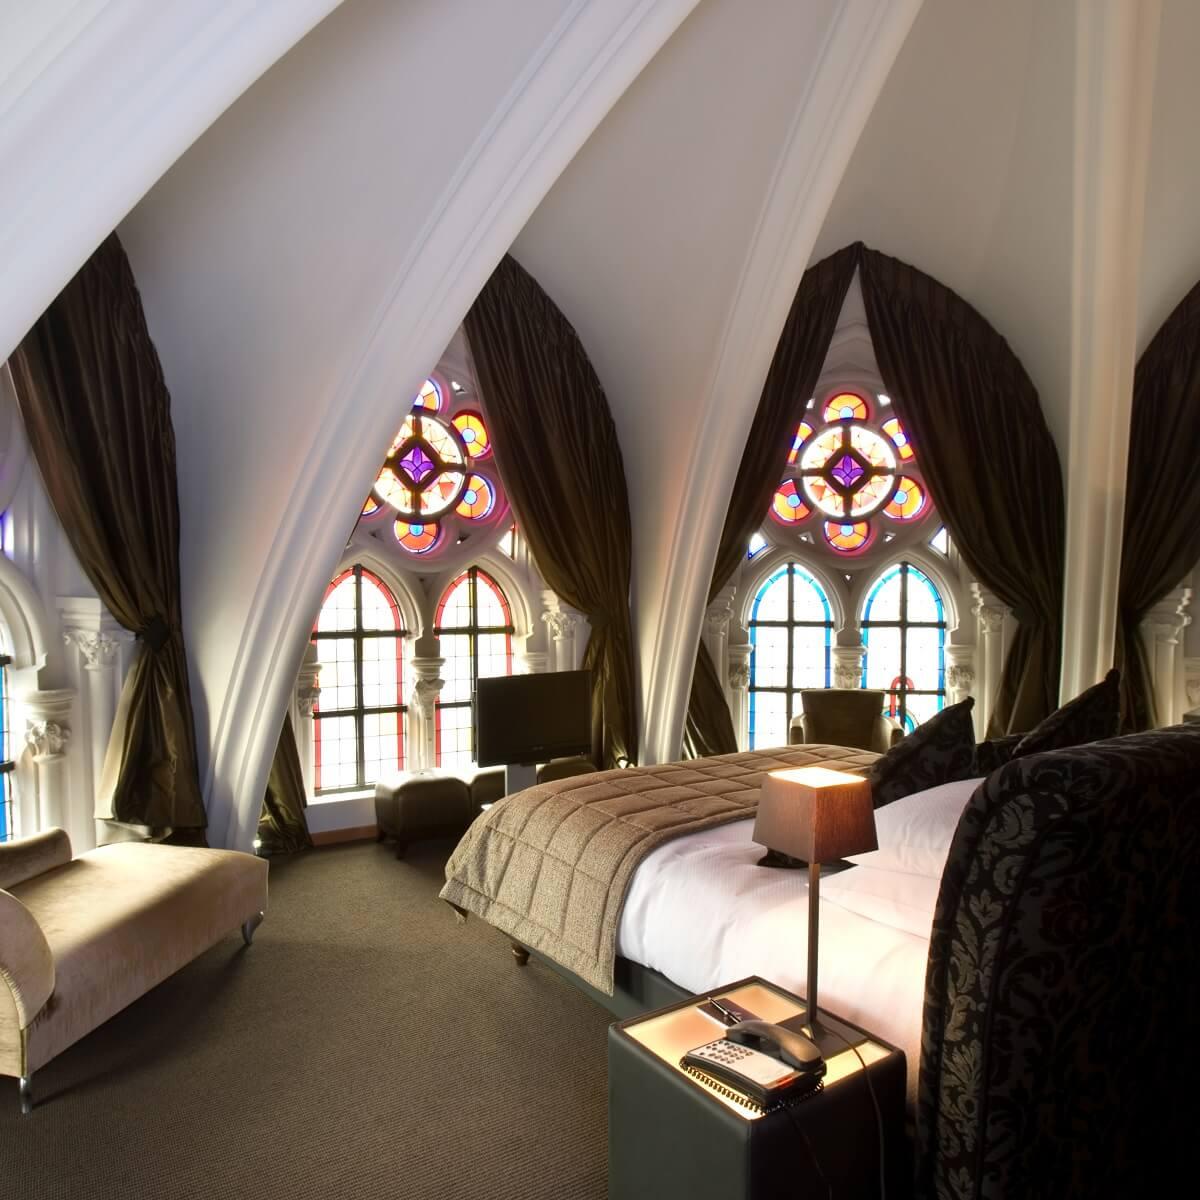 32 occasions de dormir dans un lieu insolite - Room5